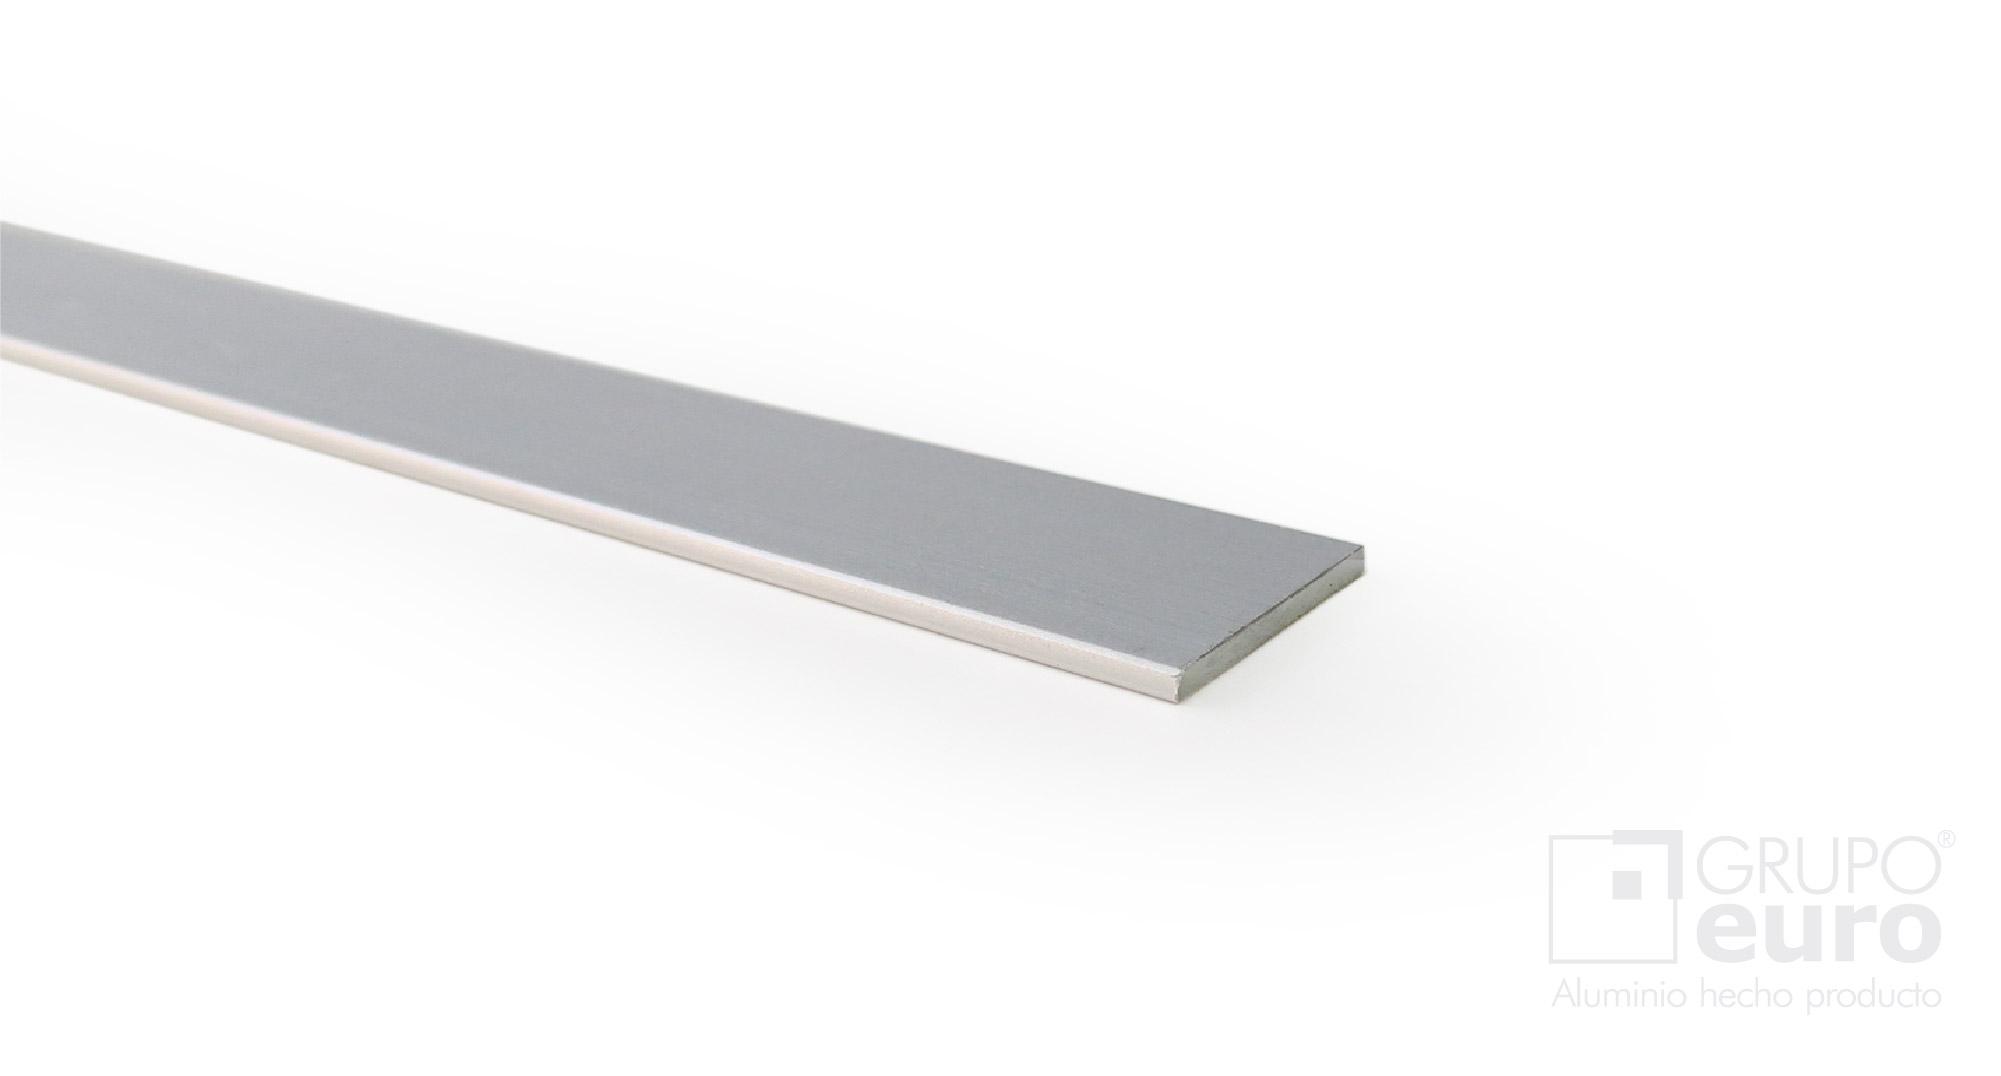 Perfil plano p19 p32 herrajes oeste - Perfil aluminio anodizado ...